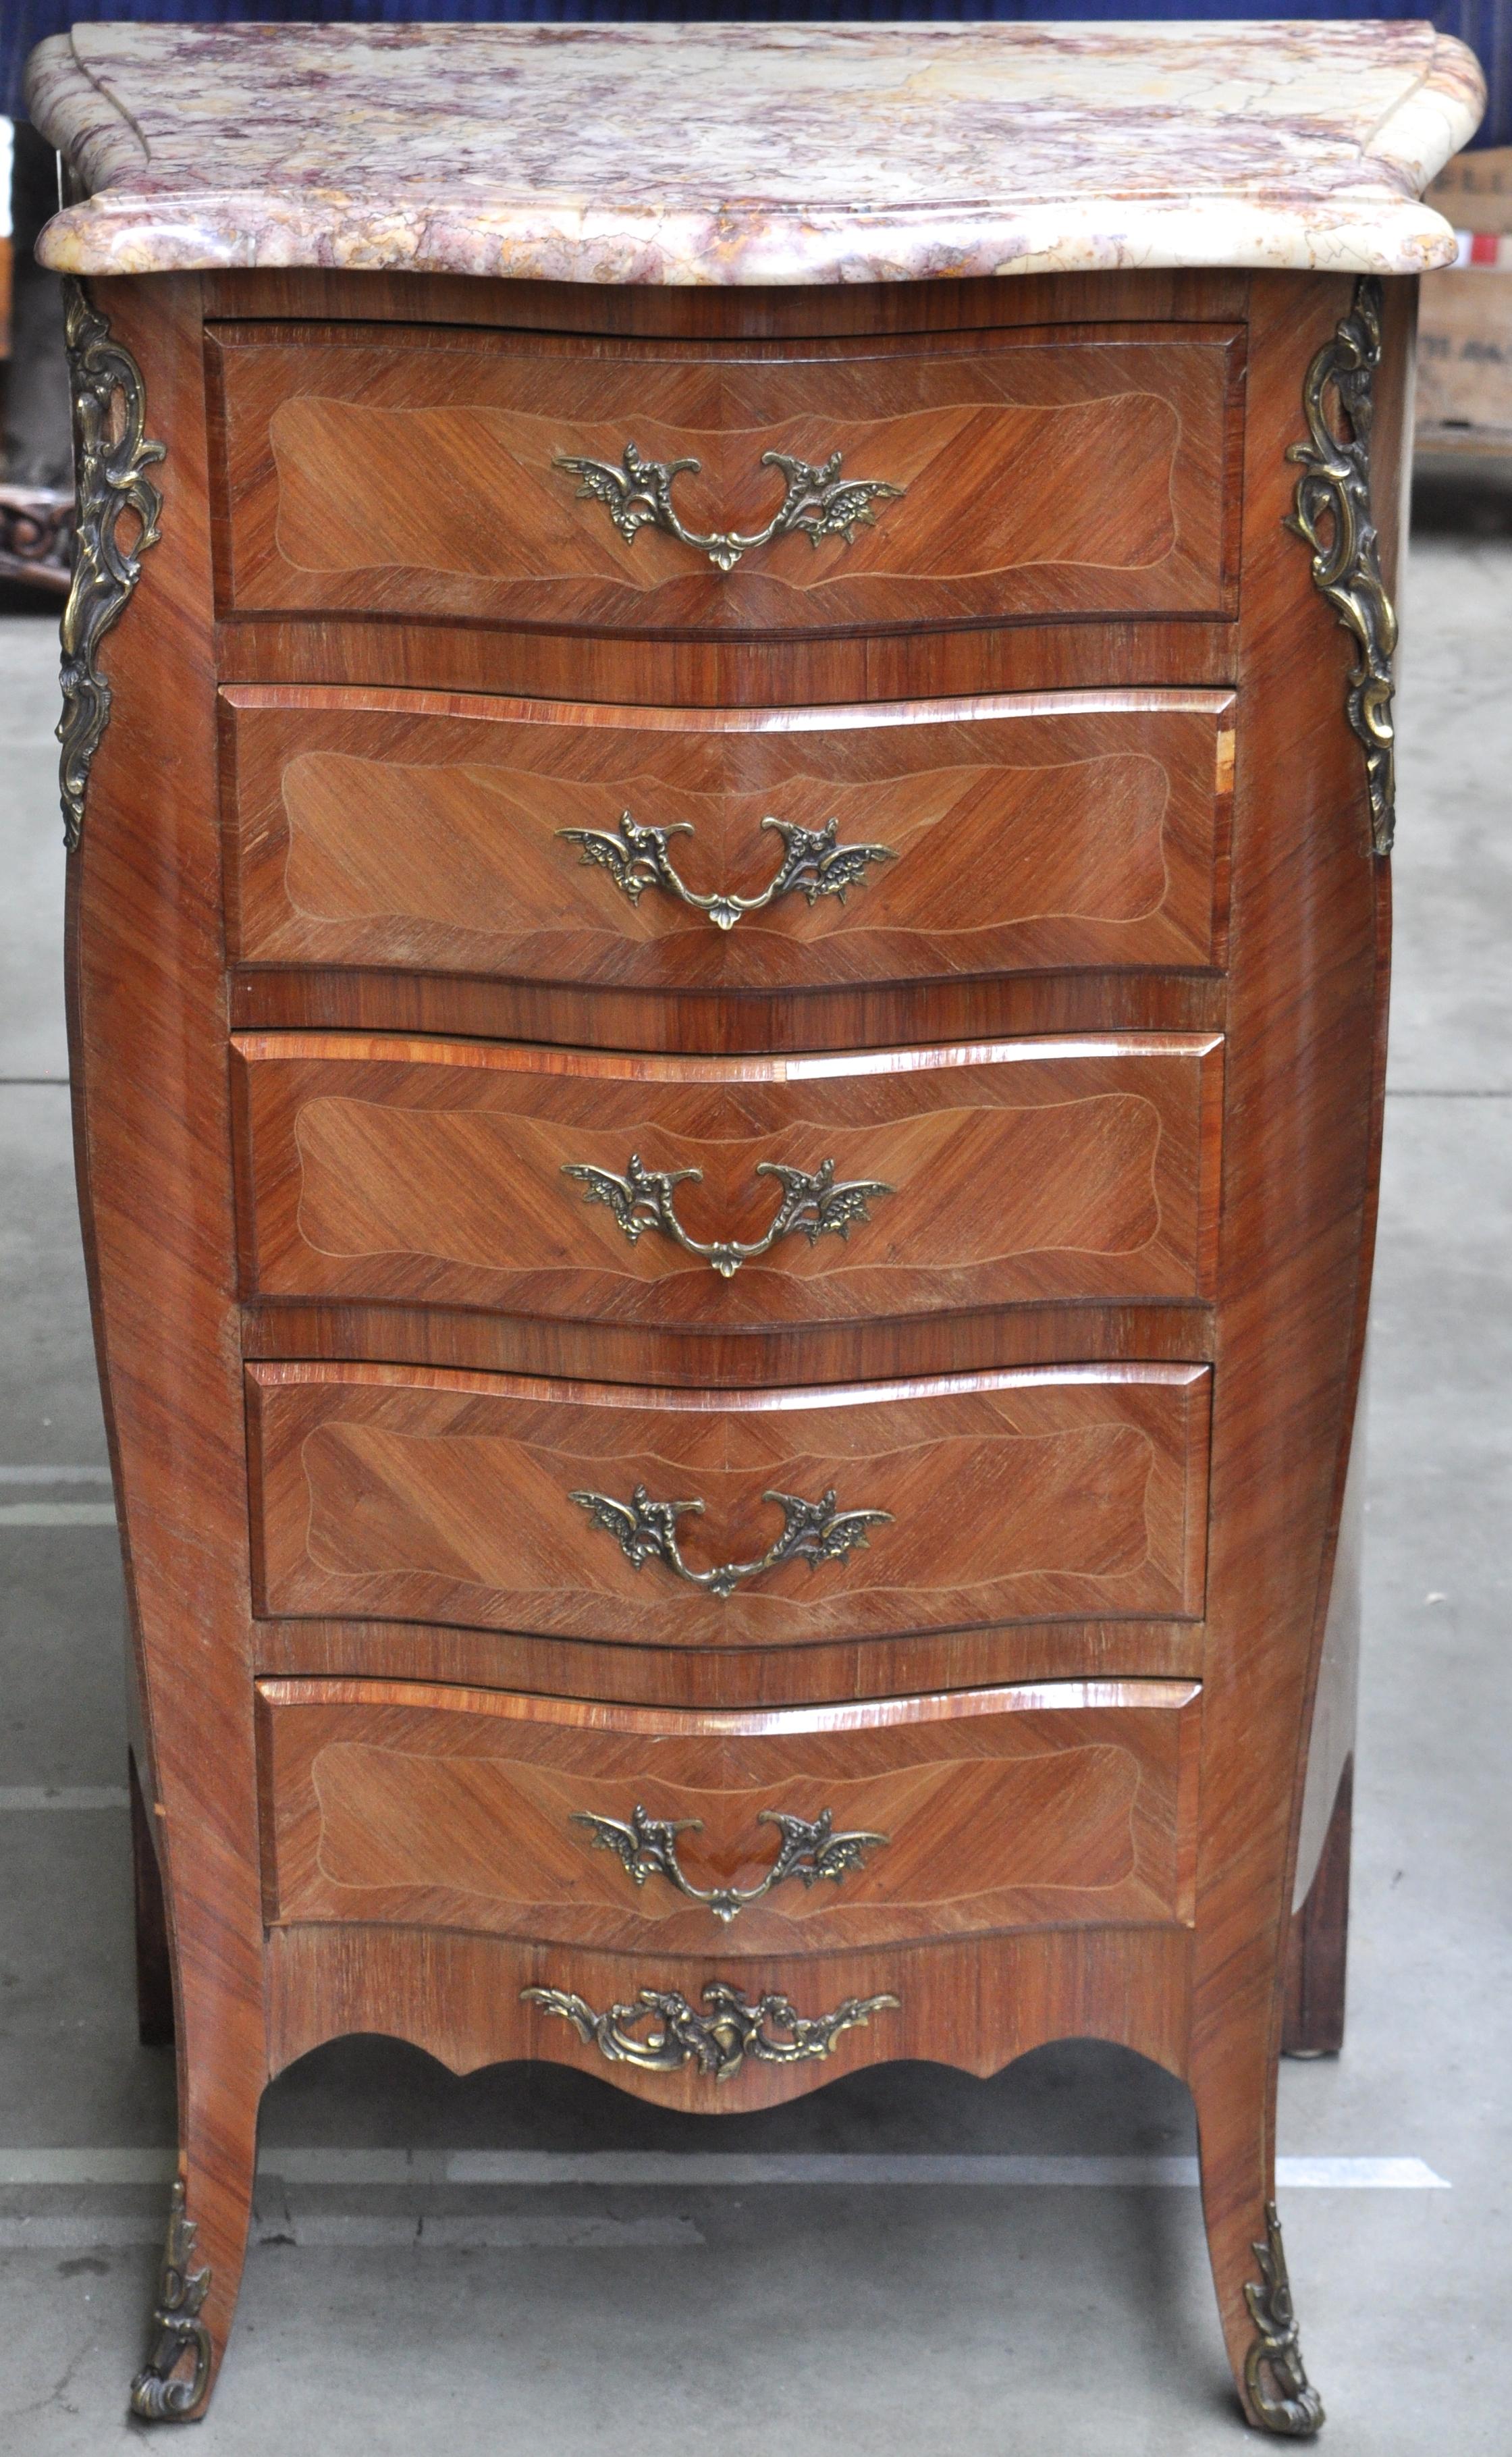 Een ladenkastje van gefineerd hout in lodewijk xv stijl met vijf laden en een marmeren blad en - Garderobe stijl van lodewijk xv ...